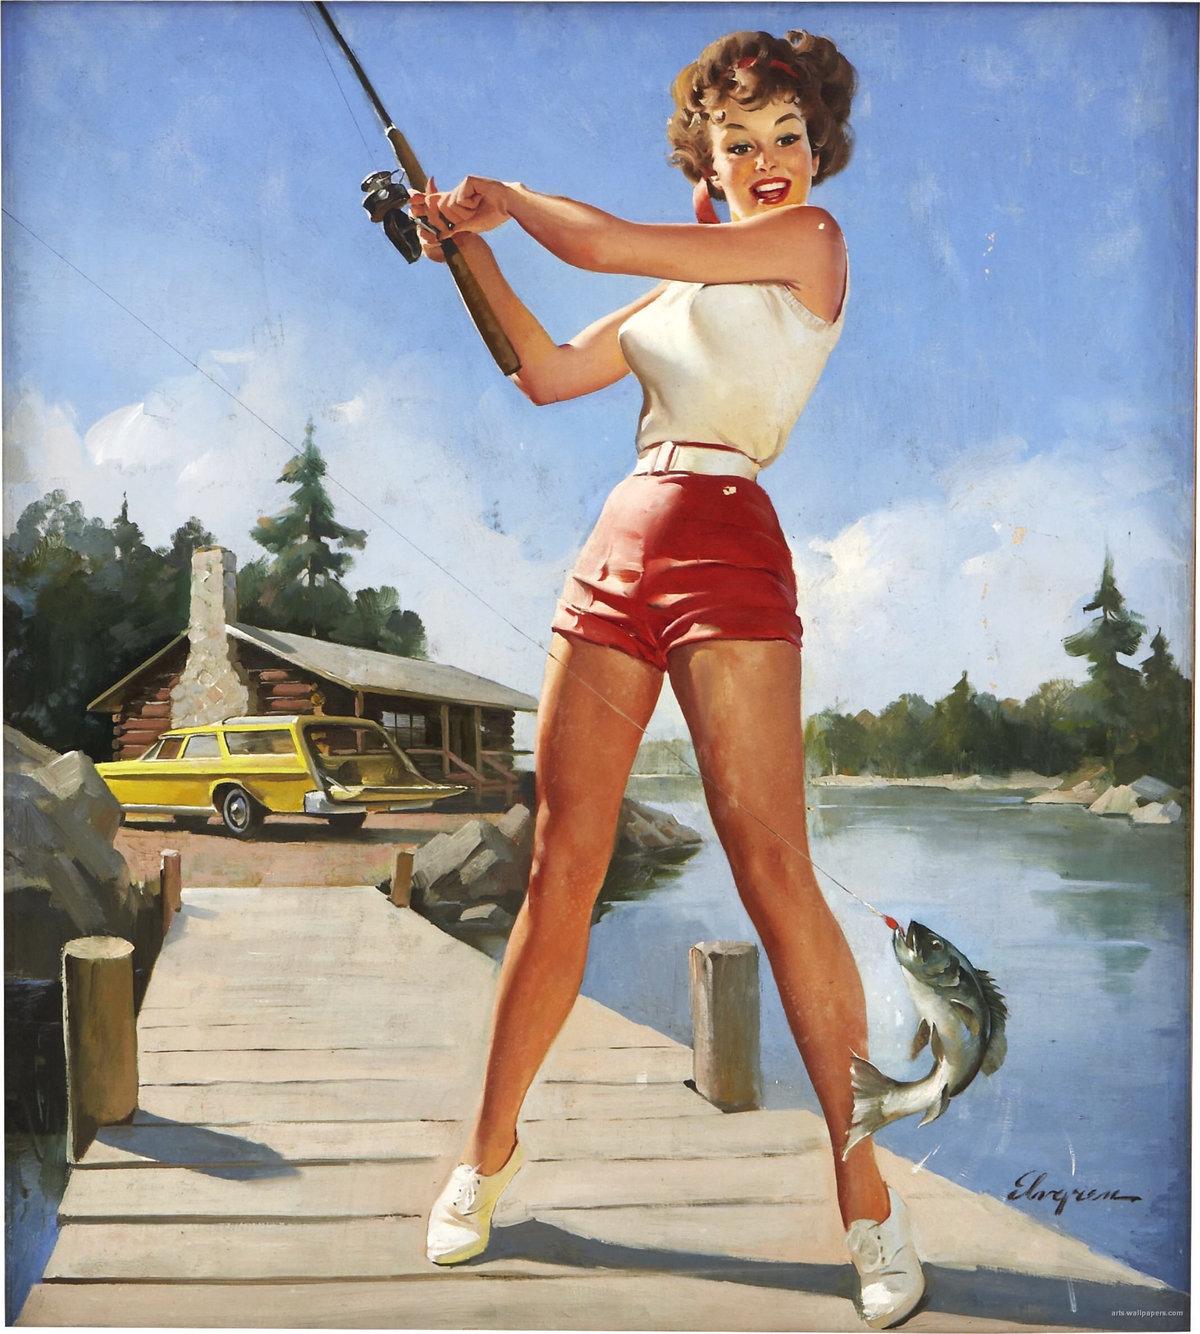 Картинки американских девушек 50-х годов, открытка днем